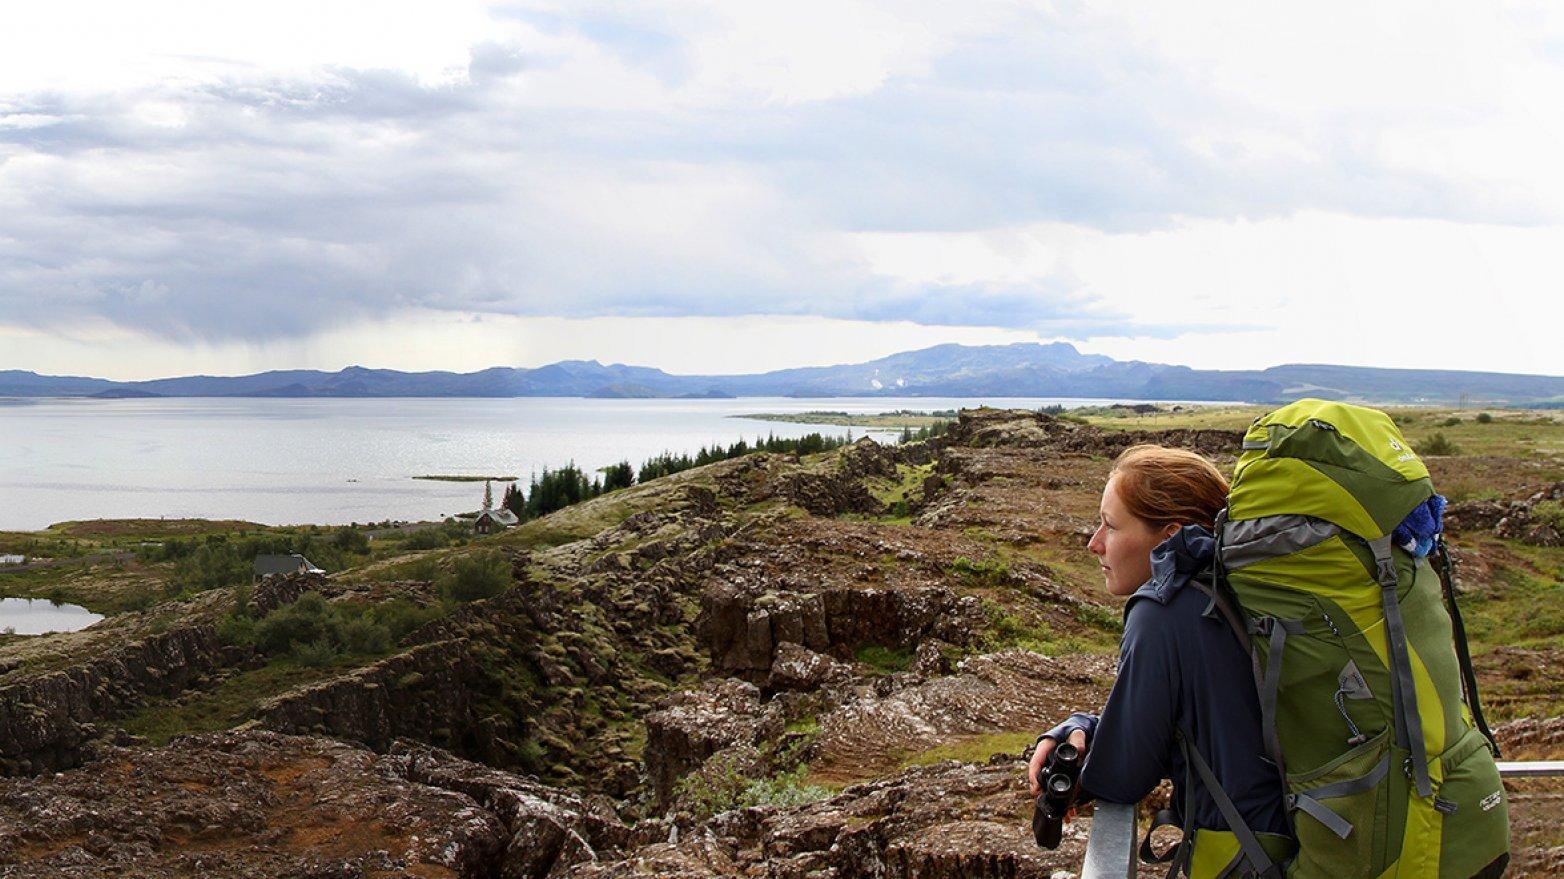 Lisa Pannek im Þingvellir-Nationalpark in Südwestisland. Sie trägt einen großen Wanderrucksack und steht mit einem Fernglas in der Hand vor einer felsigen Landschaft. Im Hintergrund sieht man Wasser und Berge.